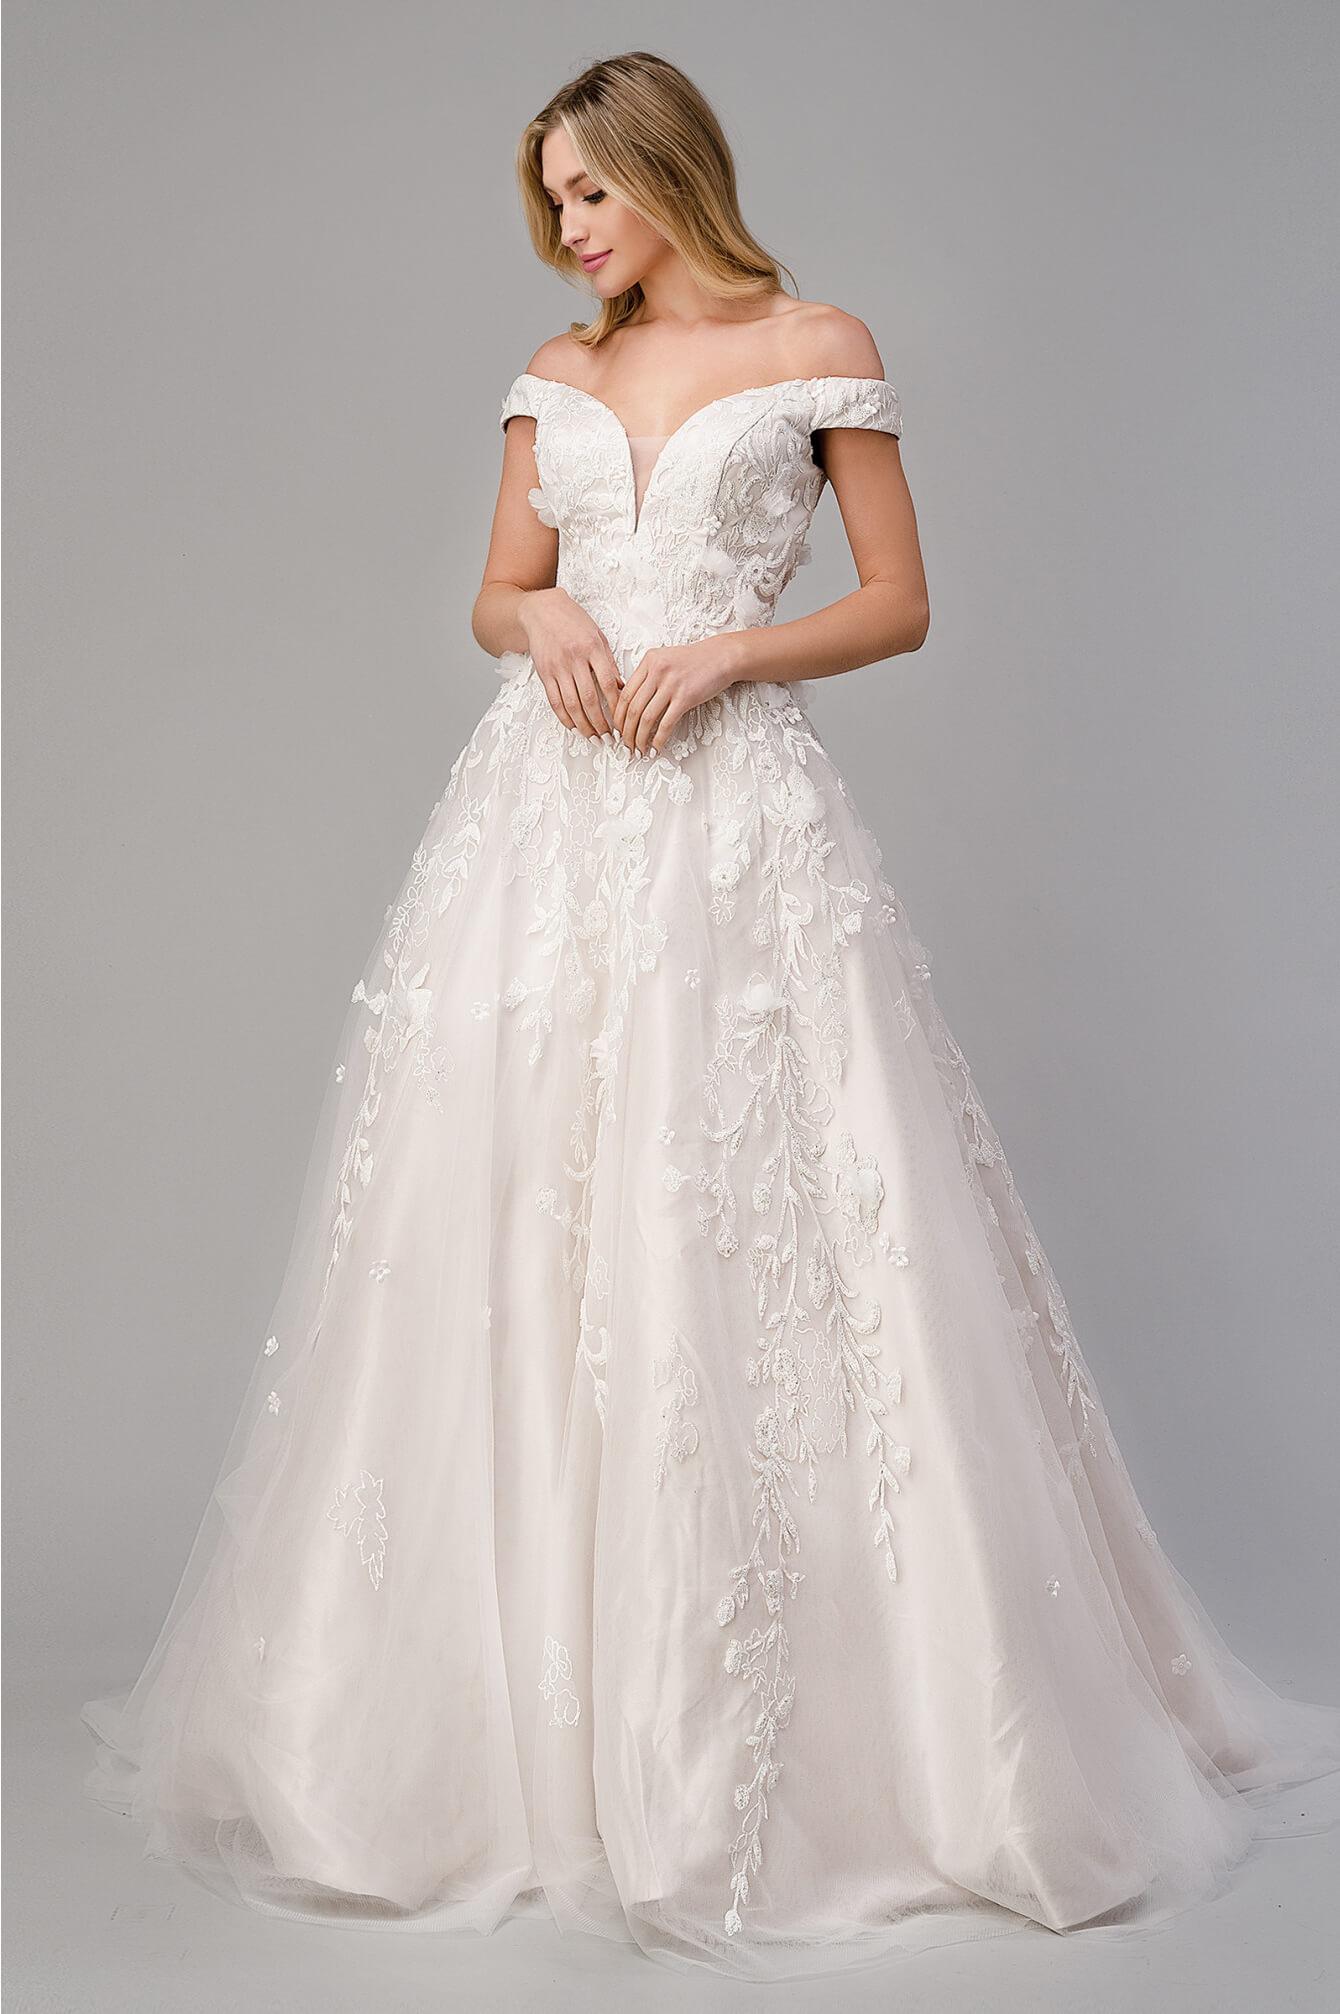 Reserva online tu cita de vestido de novia con Bridal Room Boutique y asesórate para encontrar tu vestimenta nupcial soñada al mejor precio de Venezuela. Visítanos en Caracas y Margarita